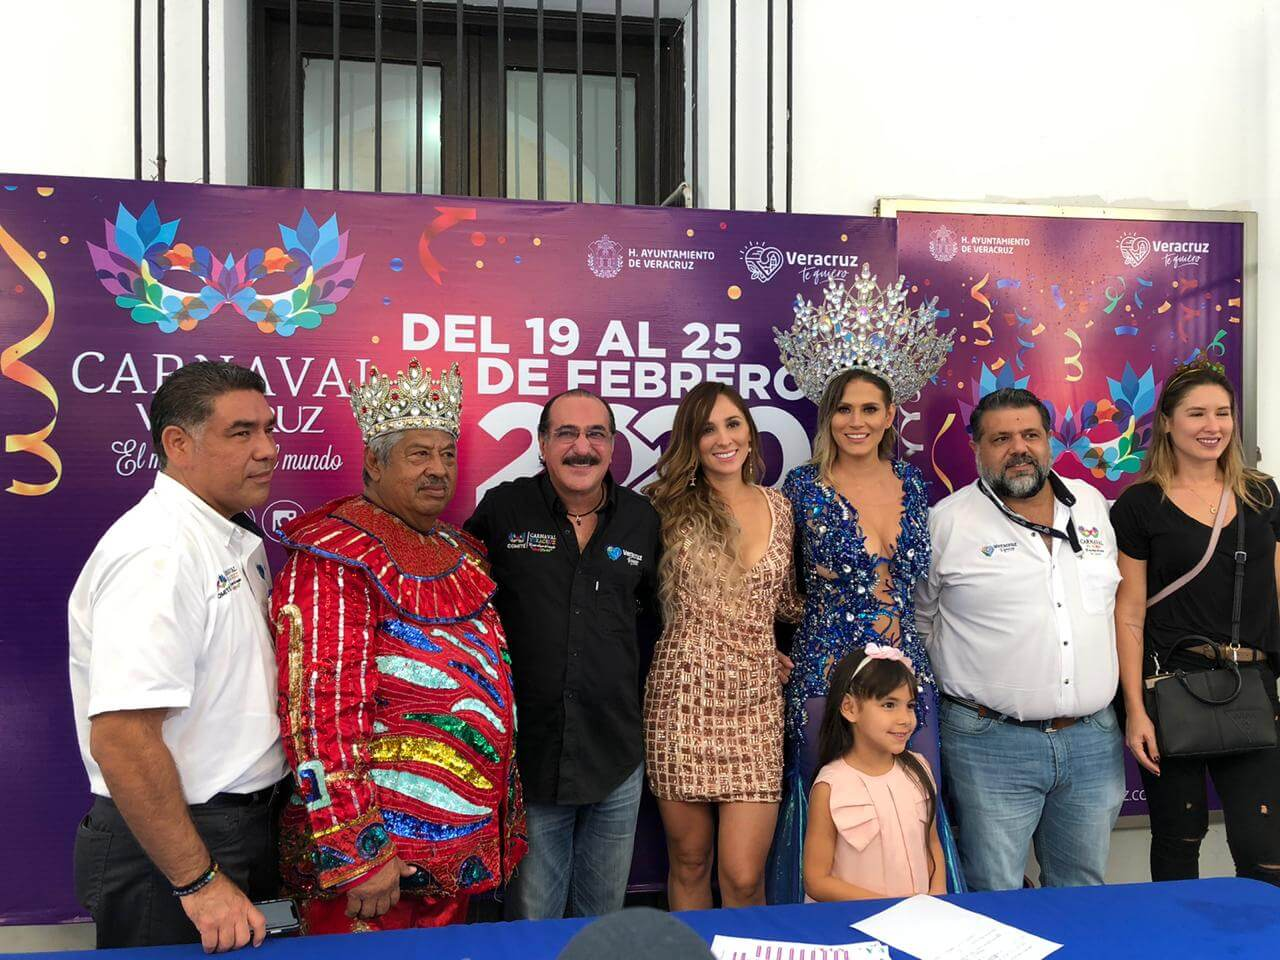 Este miércoles, se llevó a cabo el registro de Kerem Happuc Juárez Sánchez, como candidata a Reina del Carnaval de Veracruz 2020